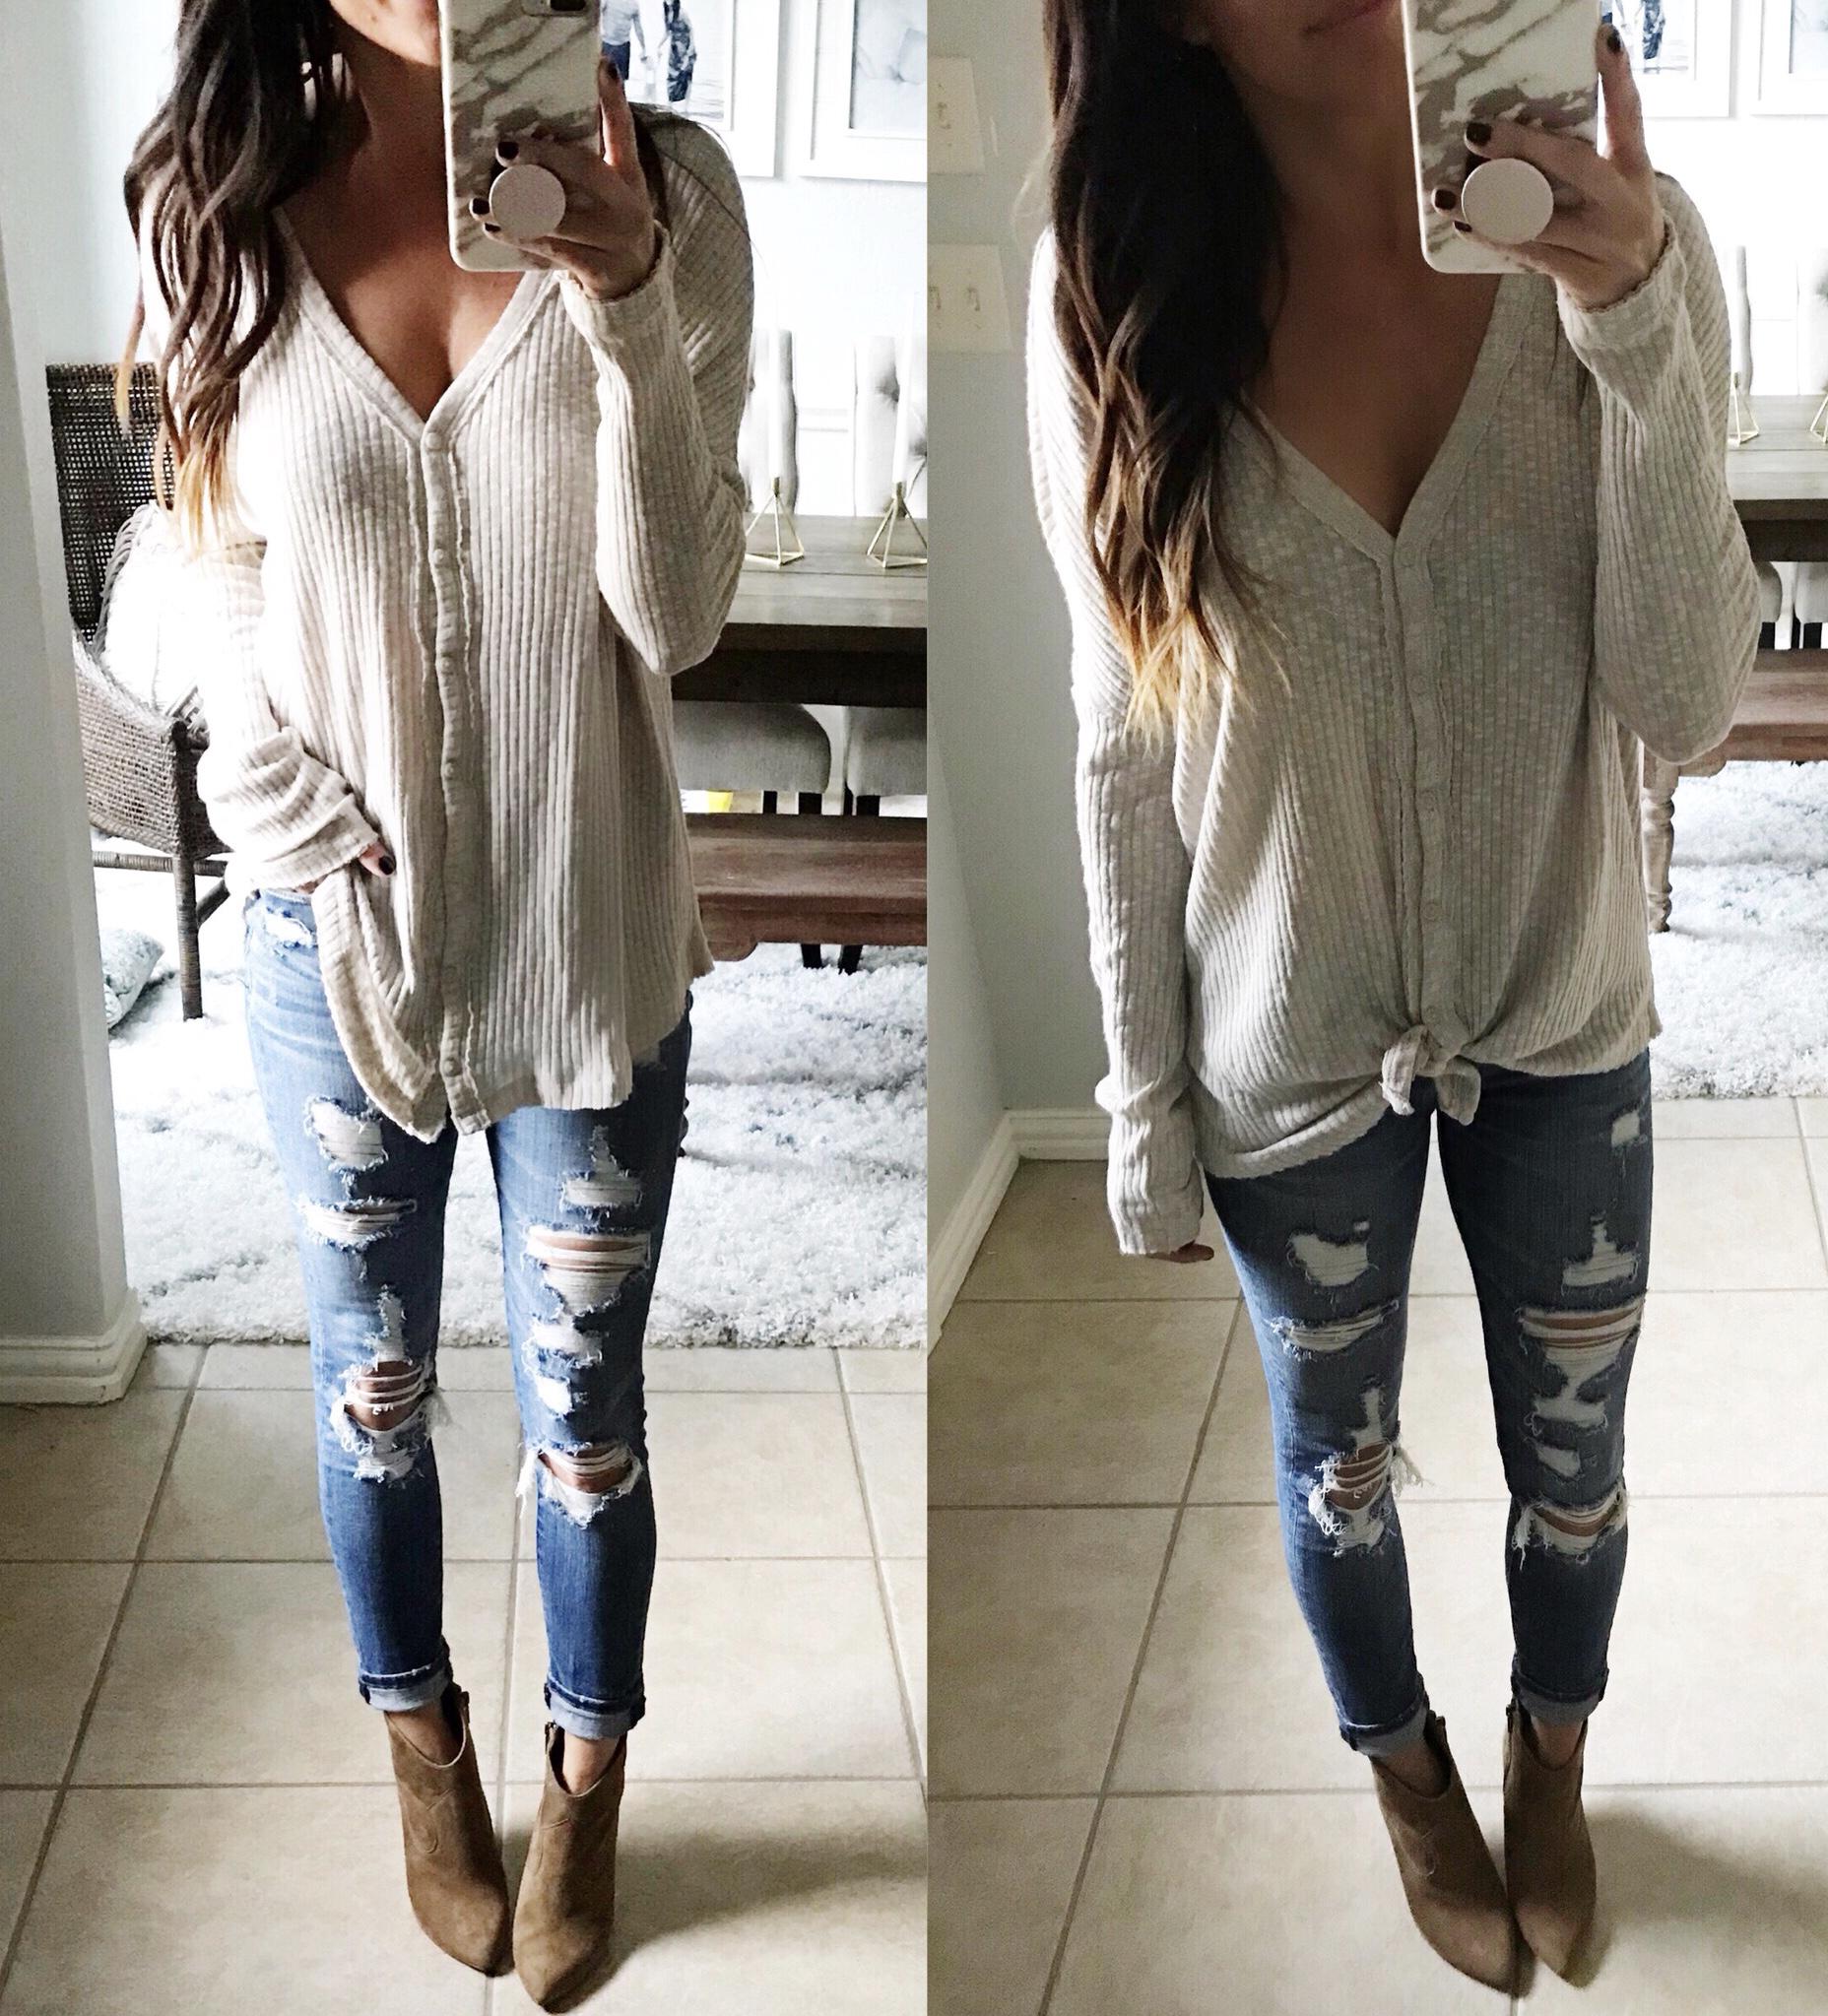 Jeans, top, booties